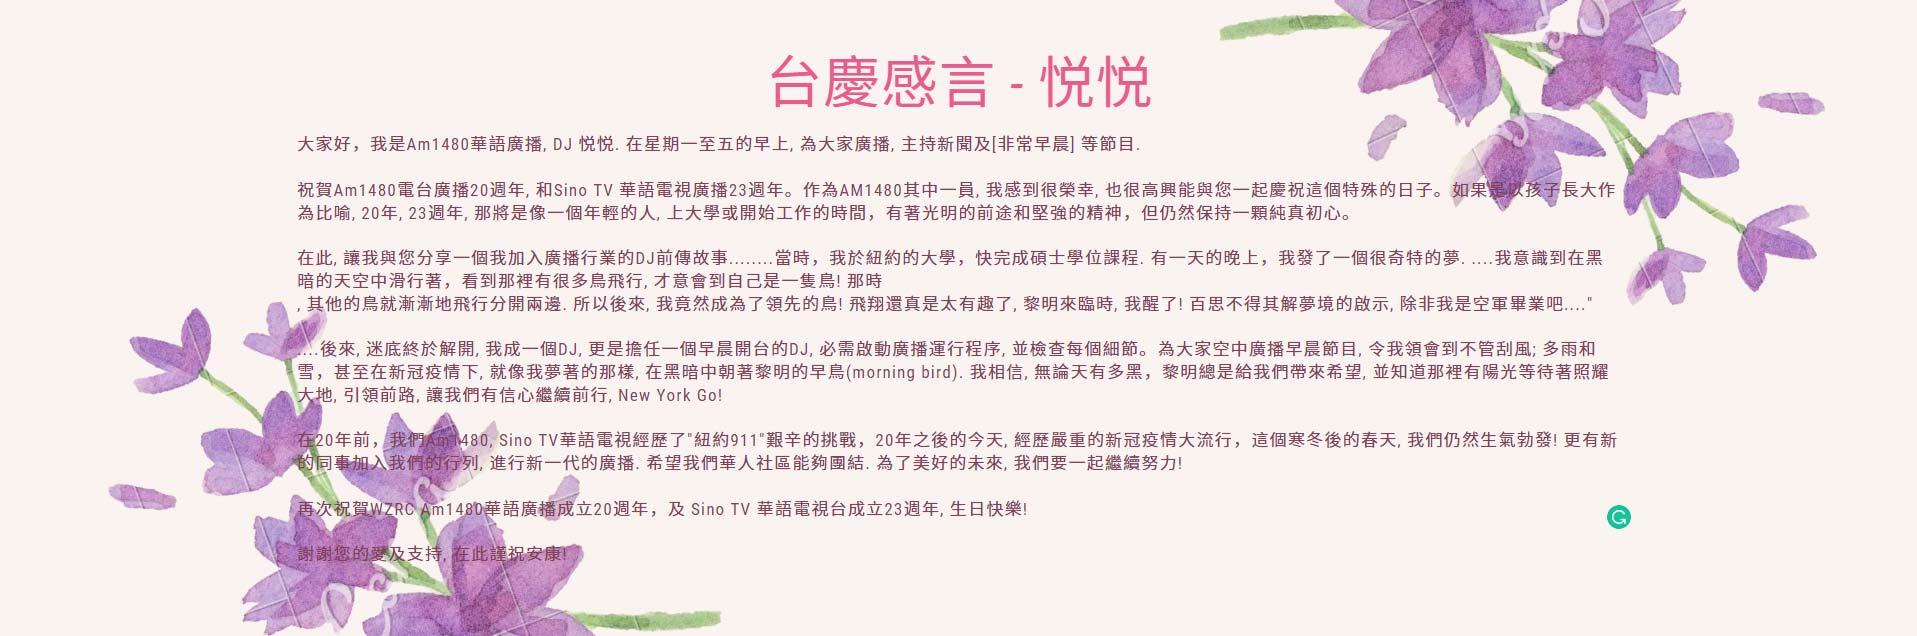 台慶感言 - 悅悅web